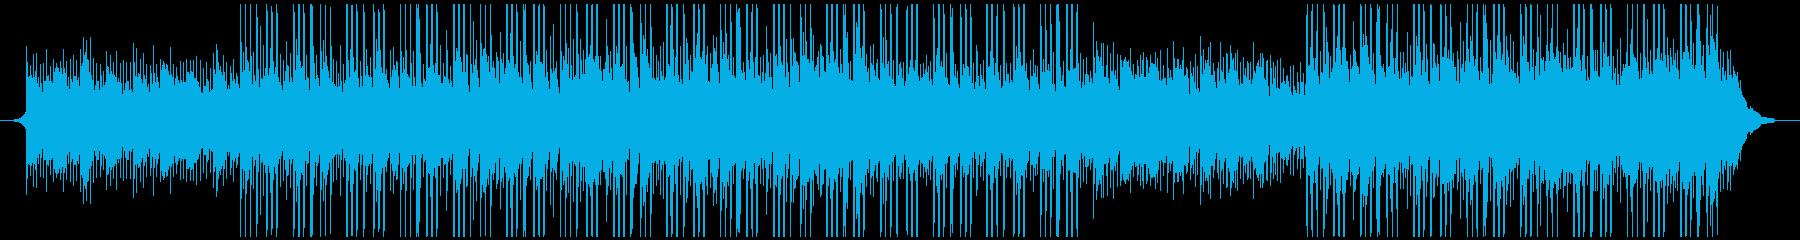 現代のテクノロジーの再生済みの波形